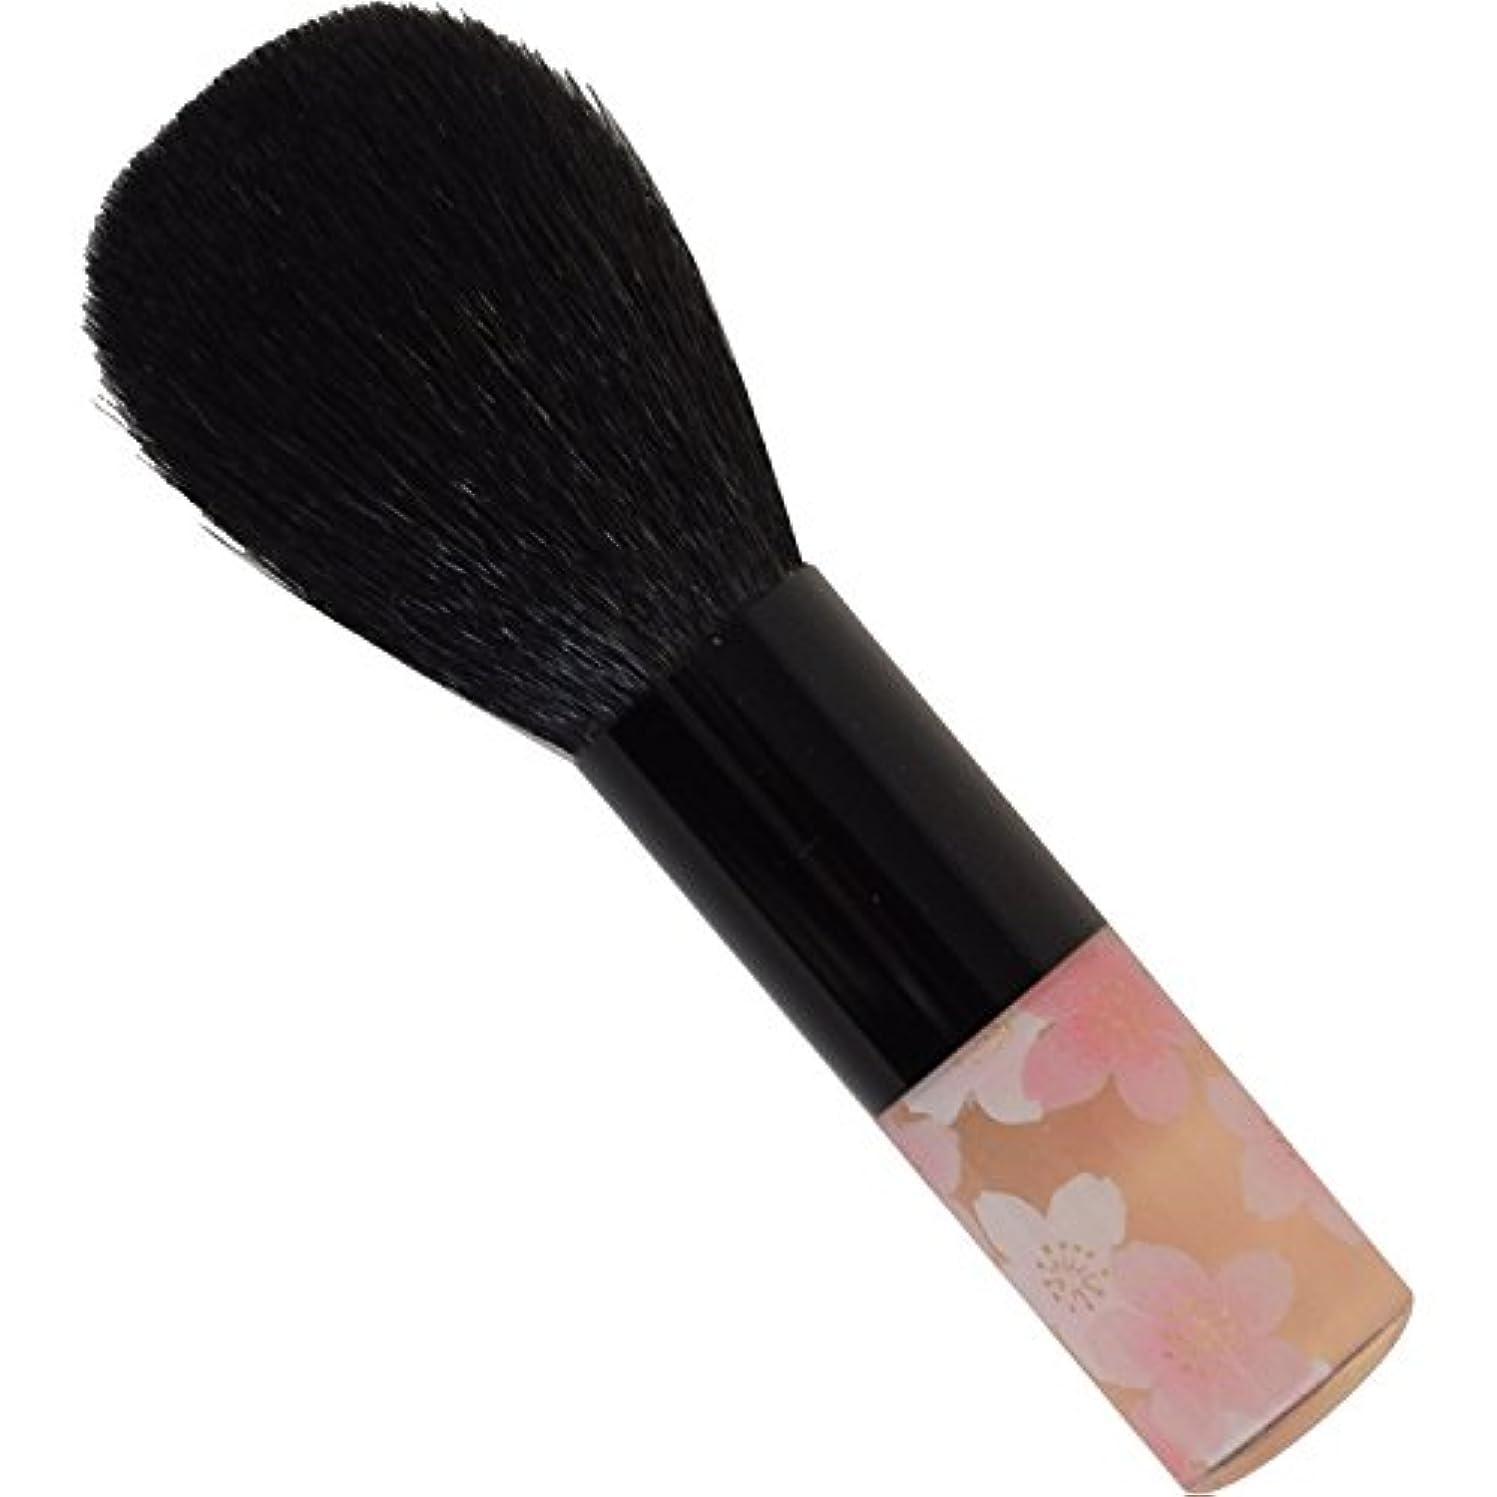 永久にきょうだいご近所BP-1 六角館さくら堂 べっぴん桜筆パウダーブラシ 山羊毛100% 桜軸 オリジナル化粧筆